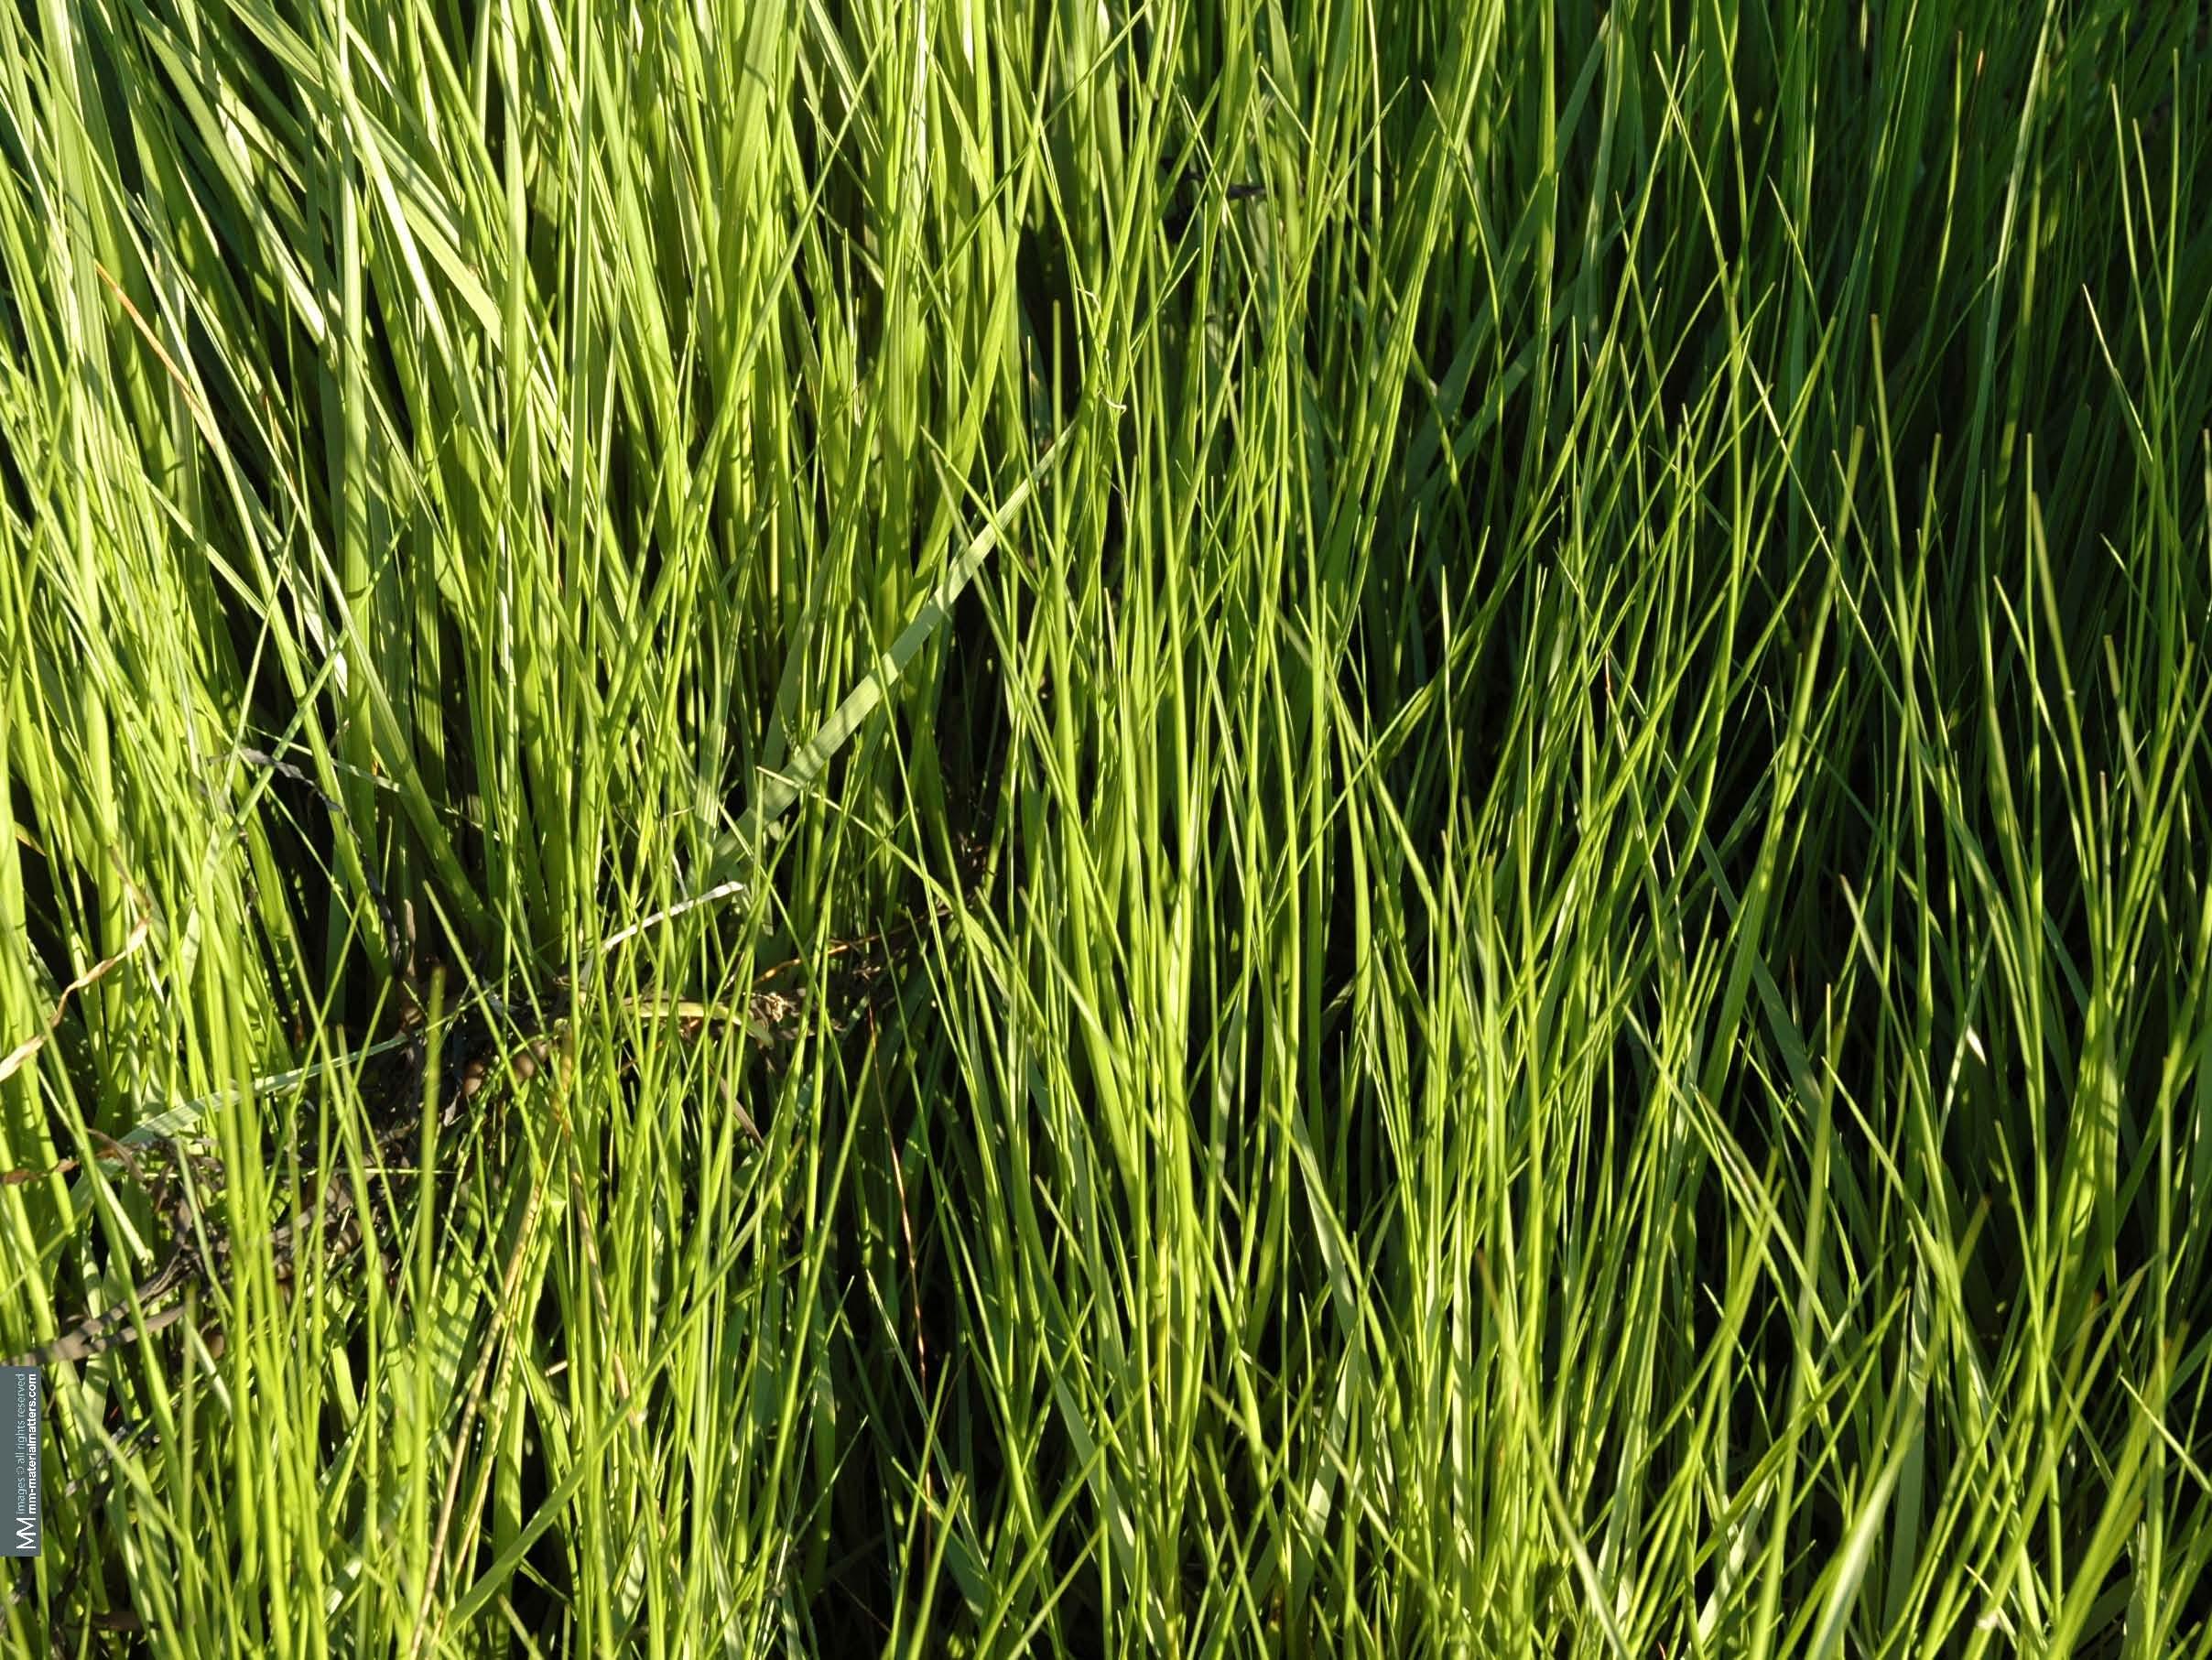 Spartina-Grass.jpg